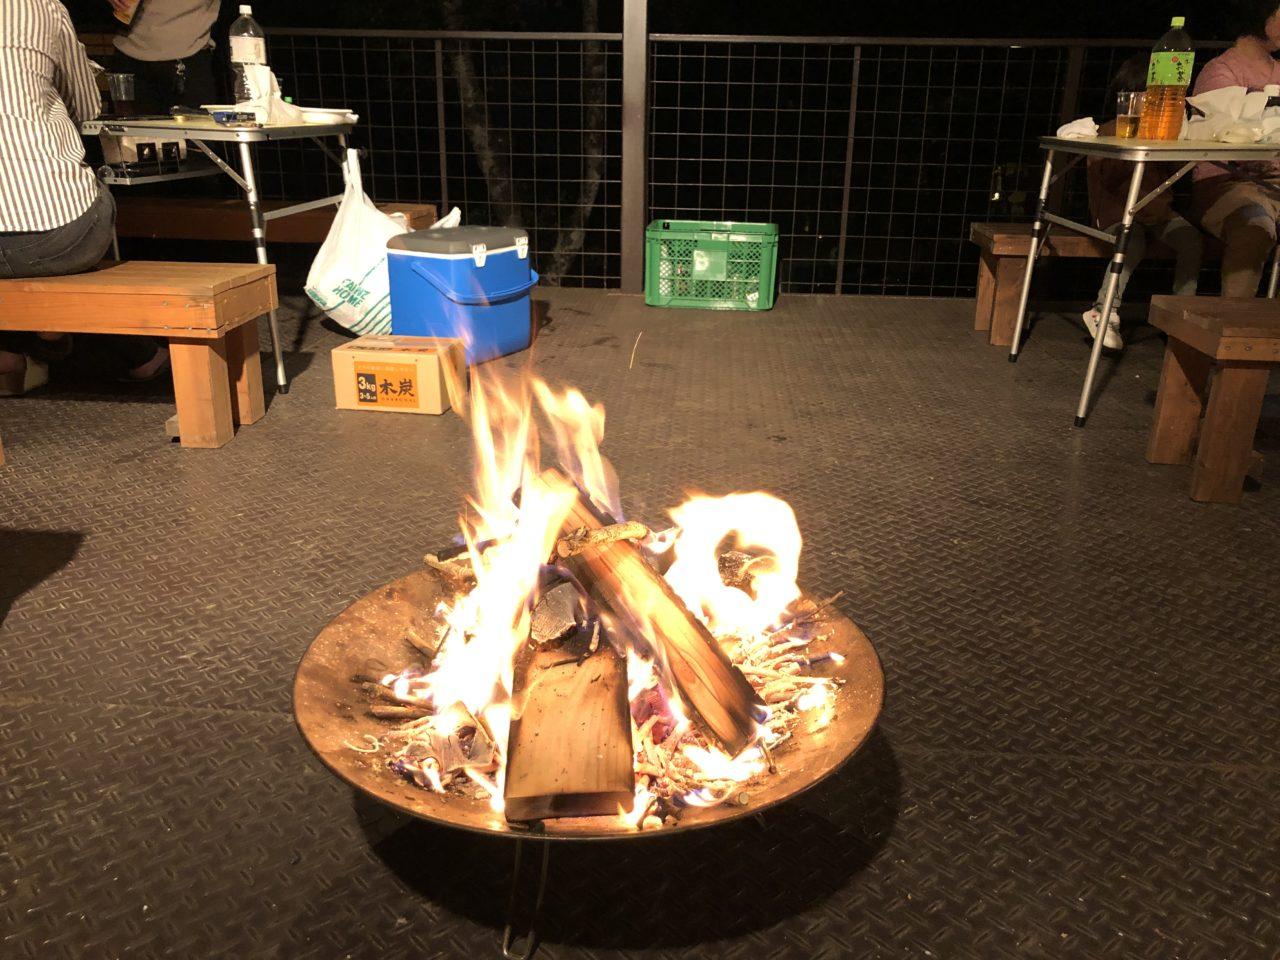 コールマンファイアーディスクプラス 焚き火台 試し焚き可能